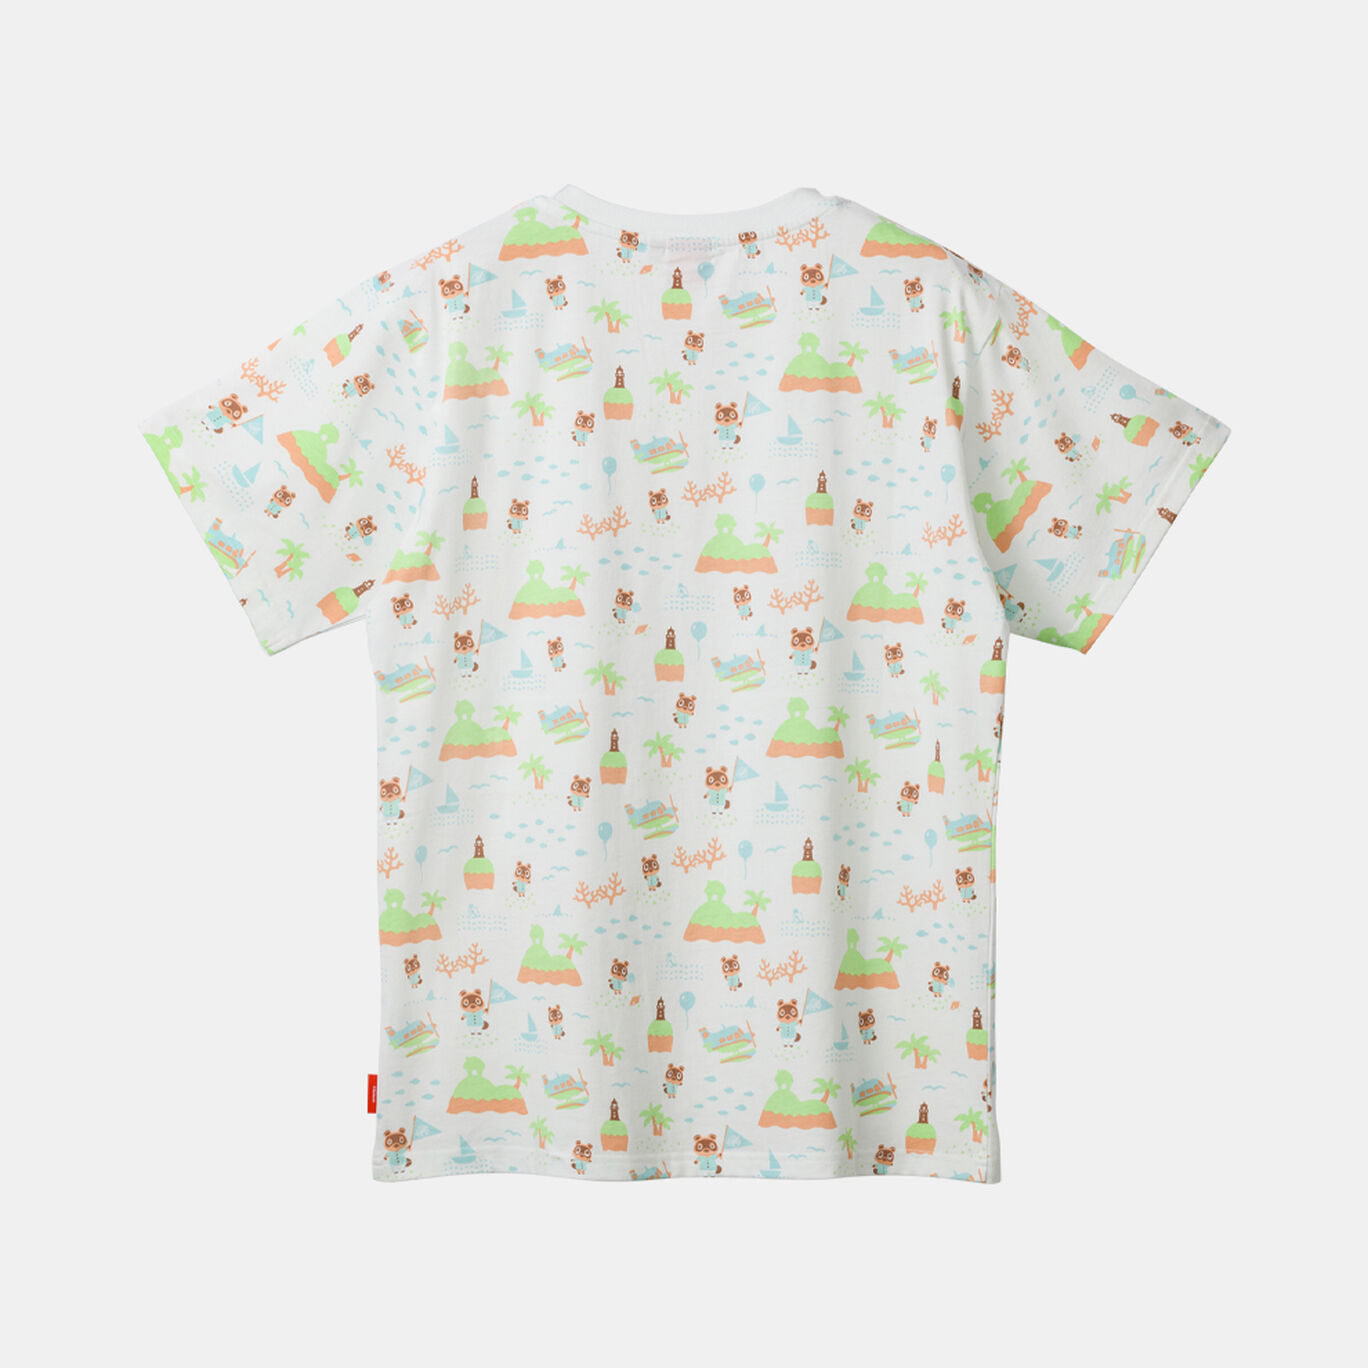 TシャツB 130 あつまれ どうぶつの森【Nintendo TOKYO取り扱い商品】